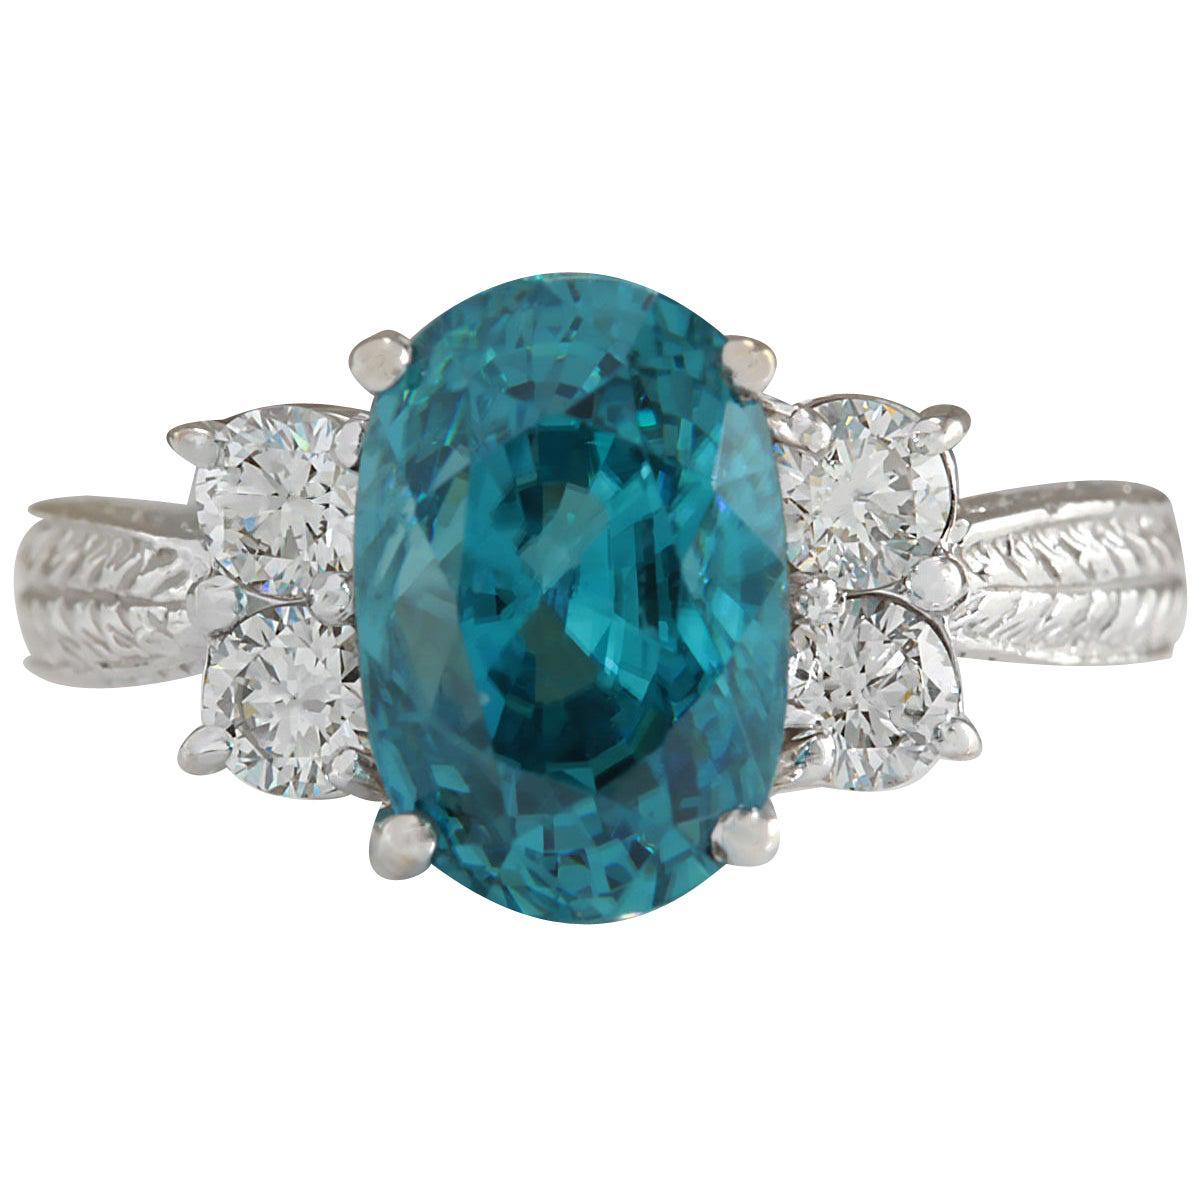 7.07 Carat Natural Zircon 18 Karat White Gold Diamond Ring